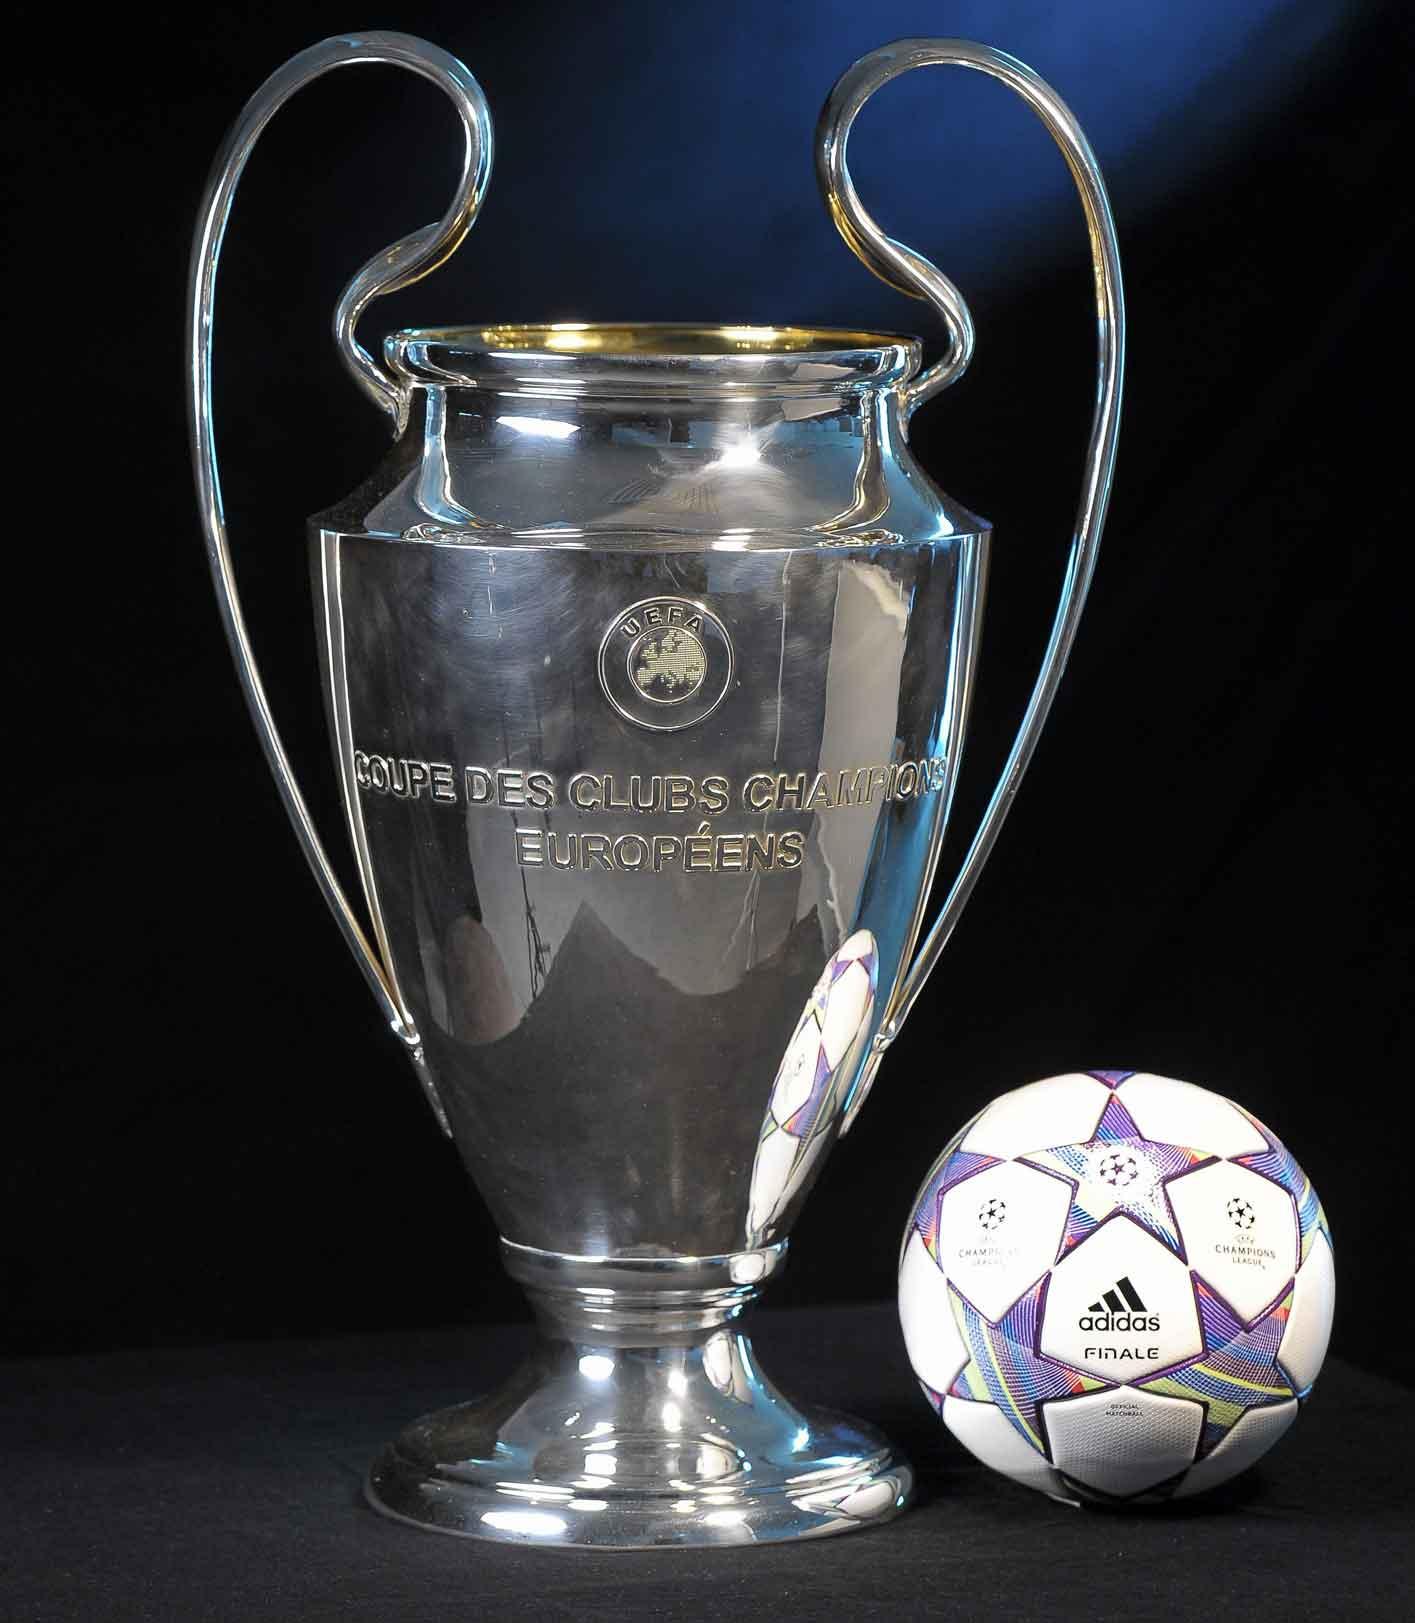 кубок лиги чемпионов с мячом лиги чемпионов 2011-2012 adidas finale 11